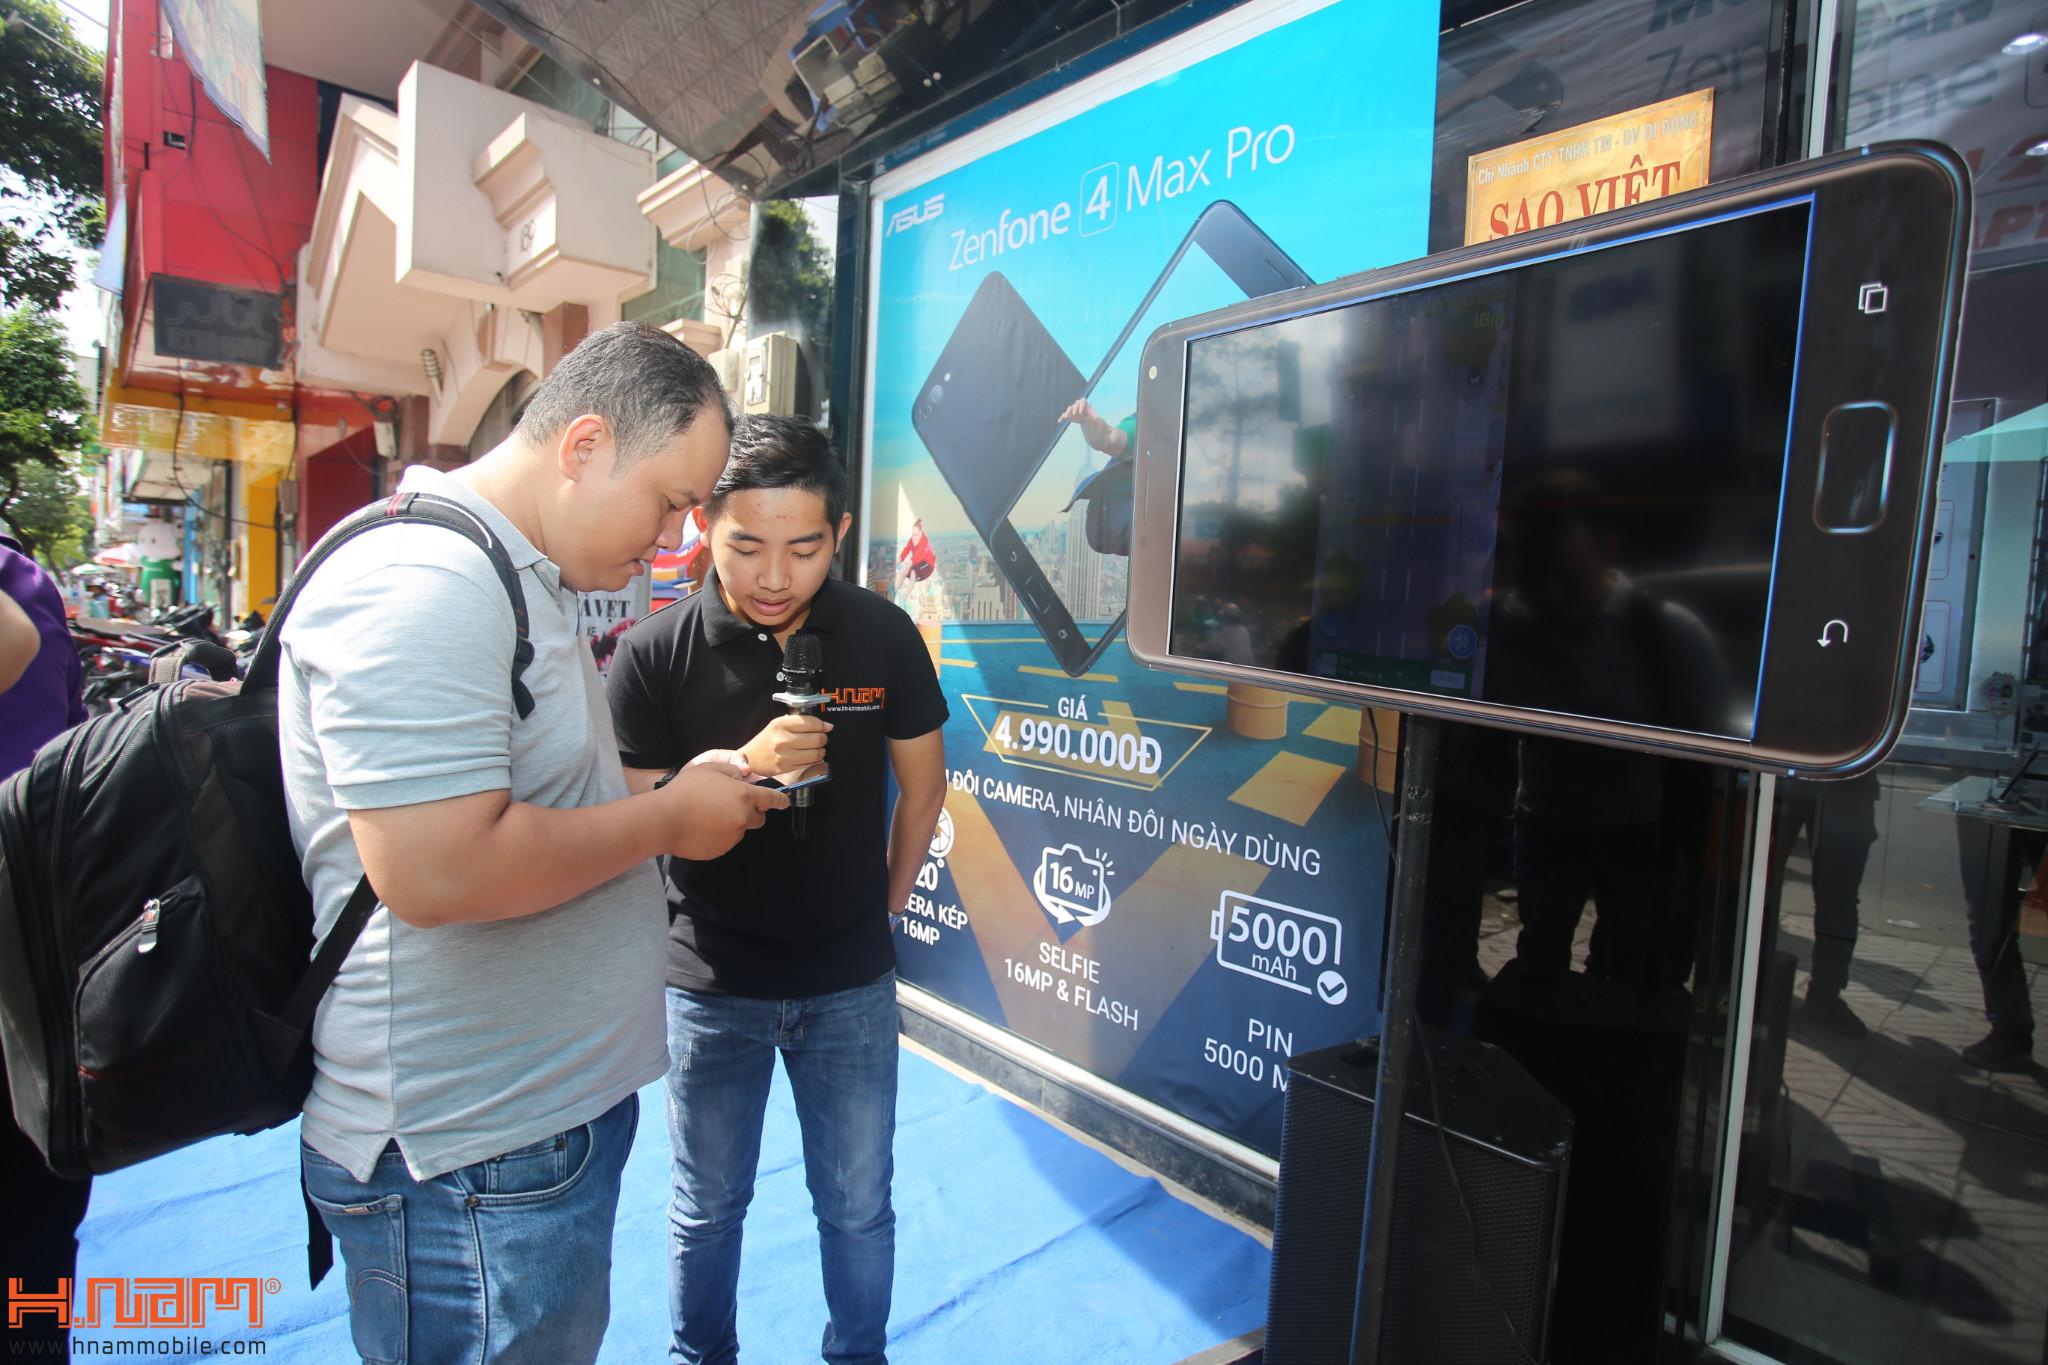 Mở bán ZenFone 4 Max Pro: Quà hơn 2 triệu, cơ hội trúng laptop hình 7